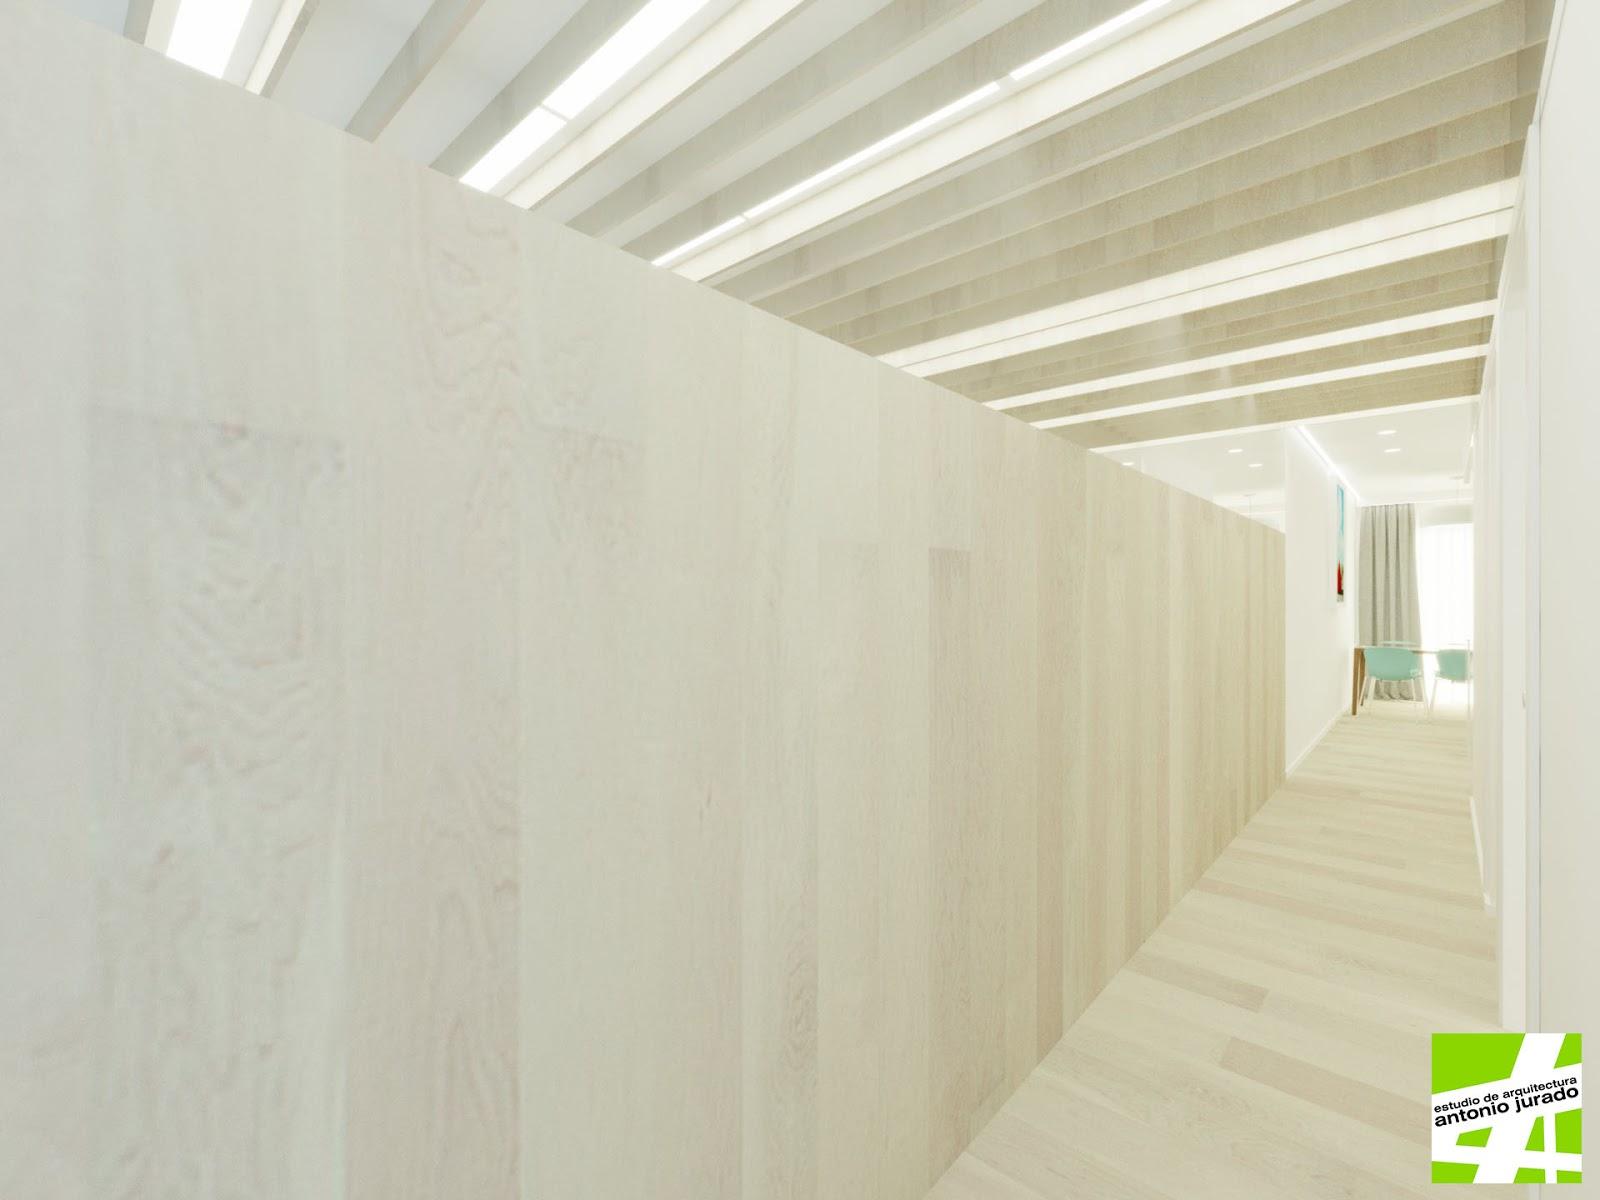 apartamento-mc-malaga-estudio-arquitectura-antonio-jurado-11